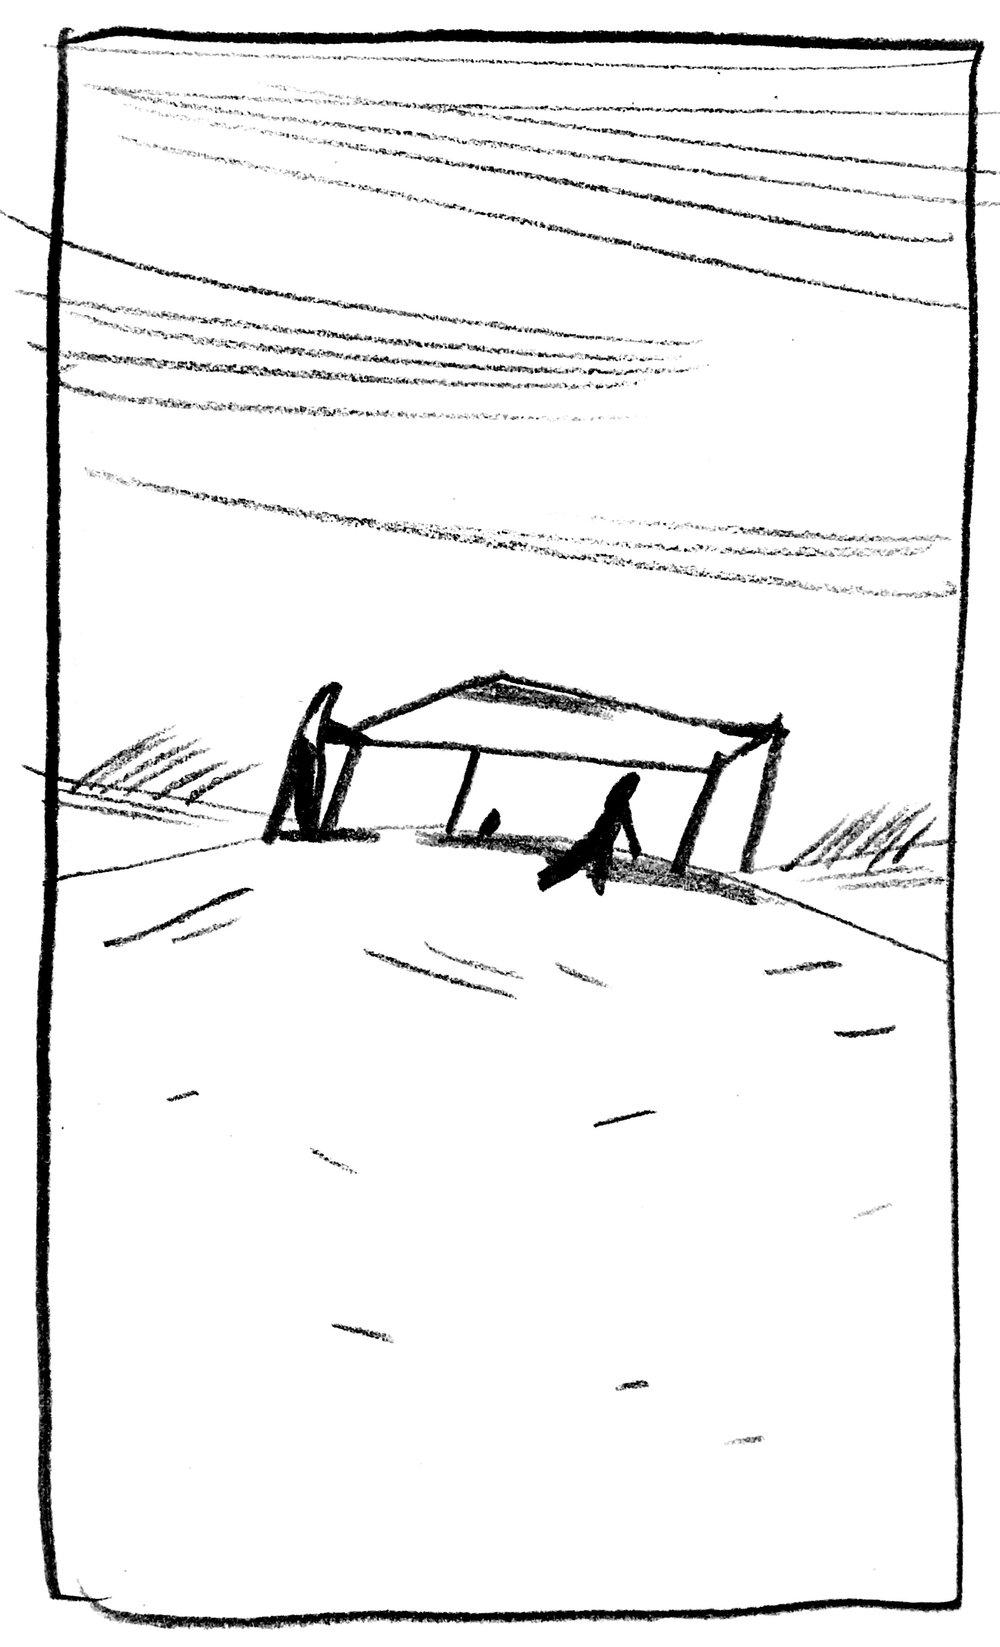 V2 Burgo sketches page 3.jpg